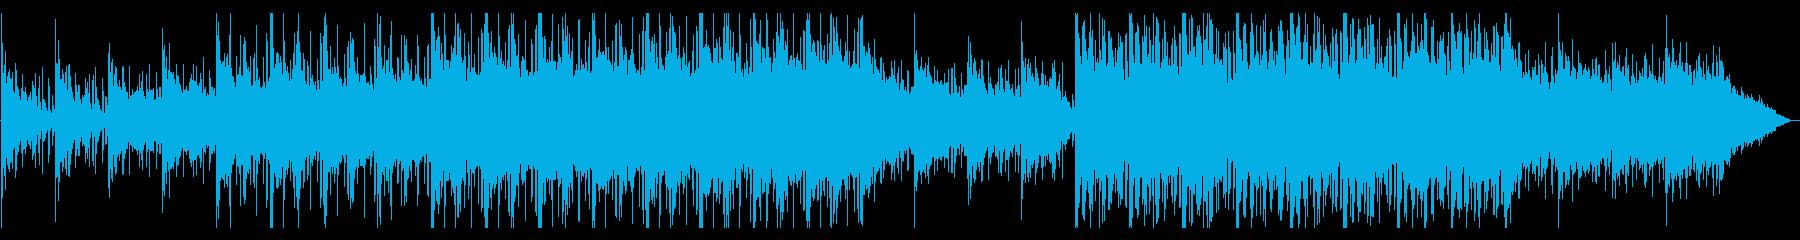 どこか和風で幻想的なヒップホップの再生済みの波形